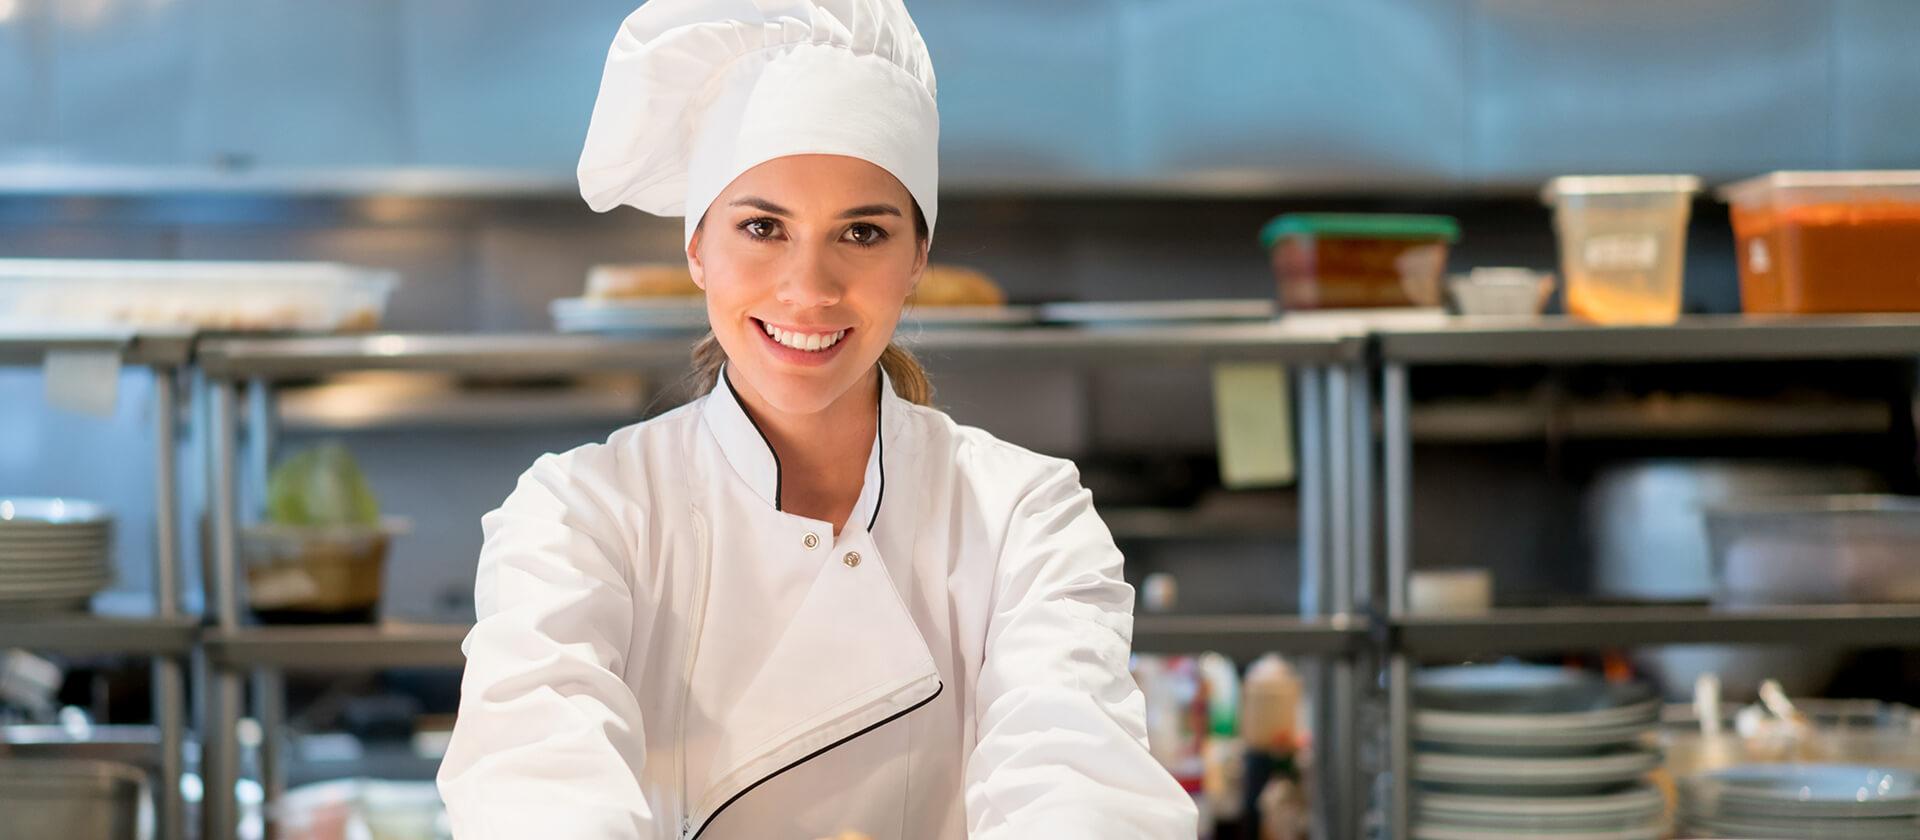 Вызов официанта на кухню